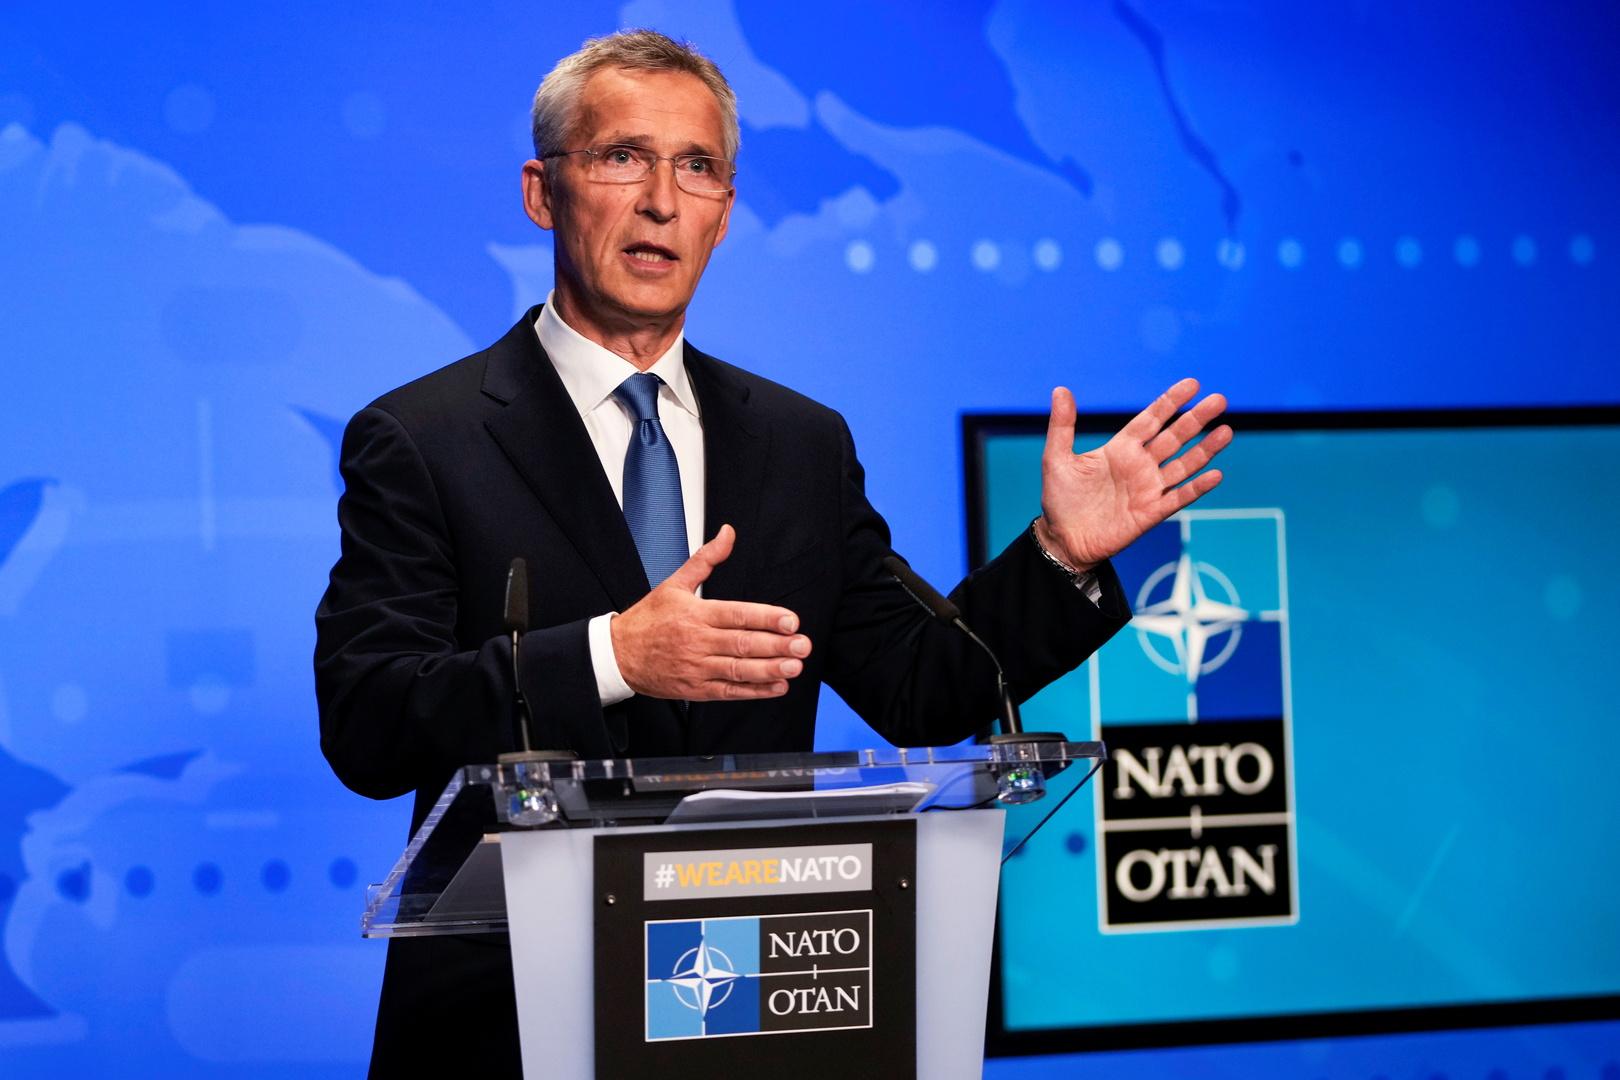 الأمين العام للناتو يدعو الصين للانضمام إلى المفاوضات حول السلاح النووي